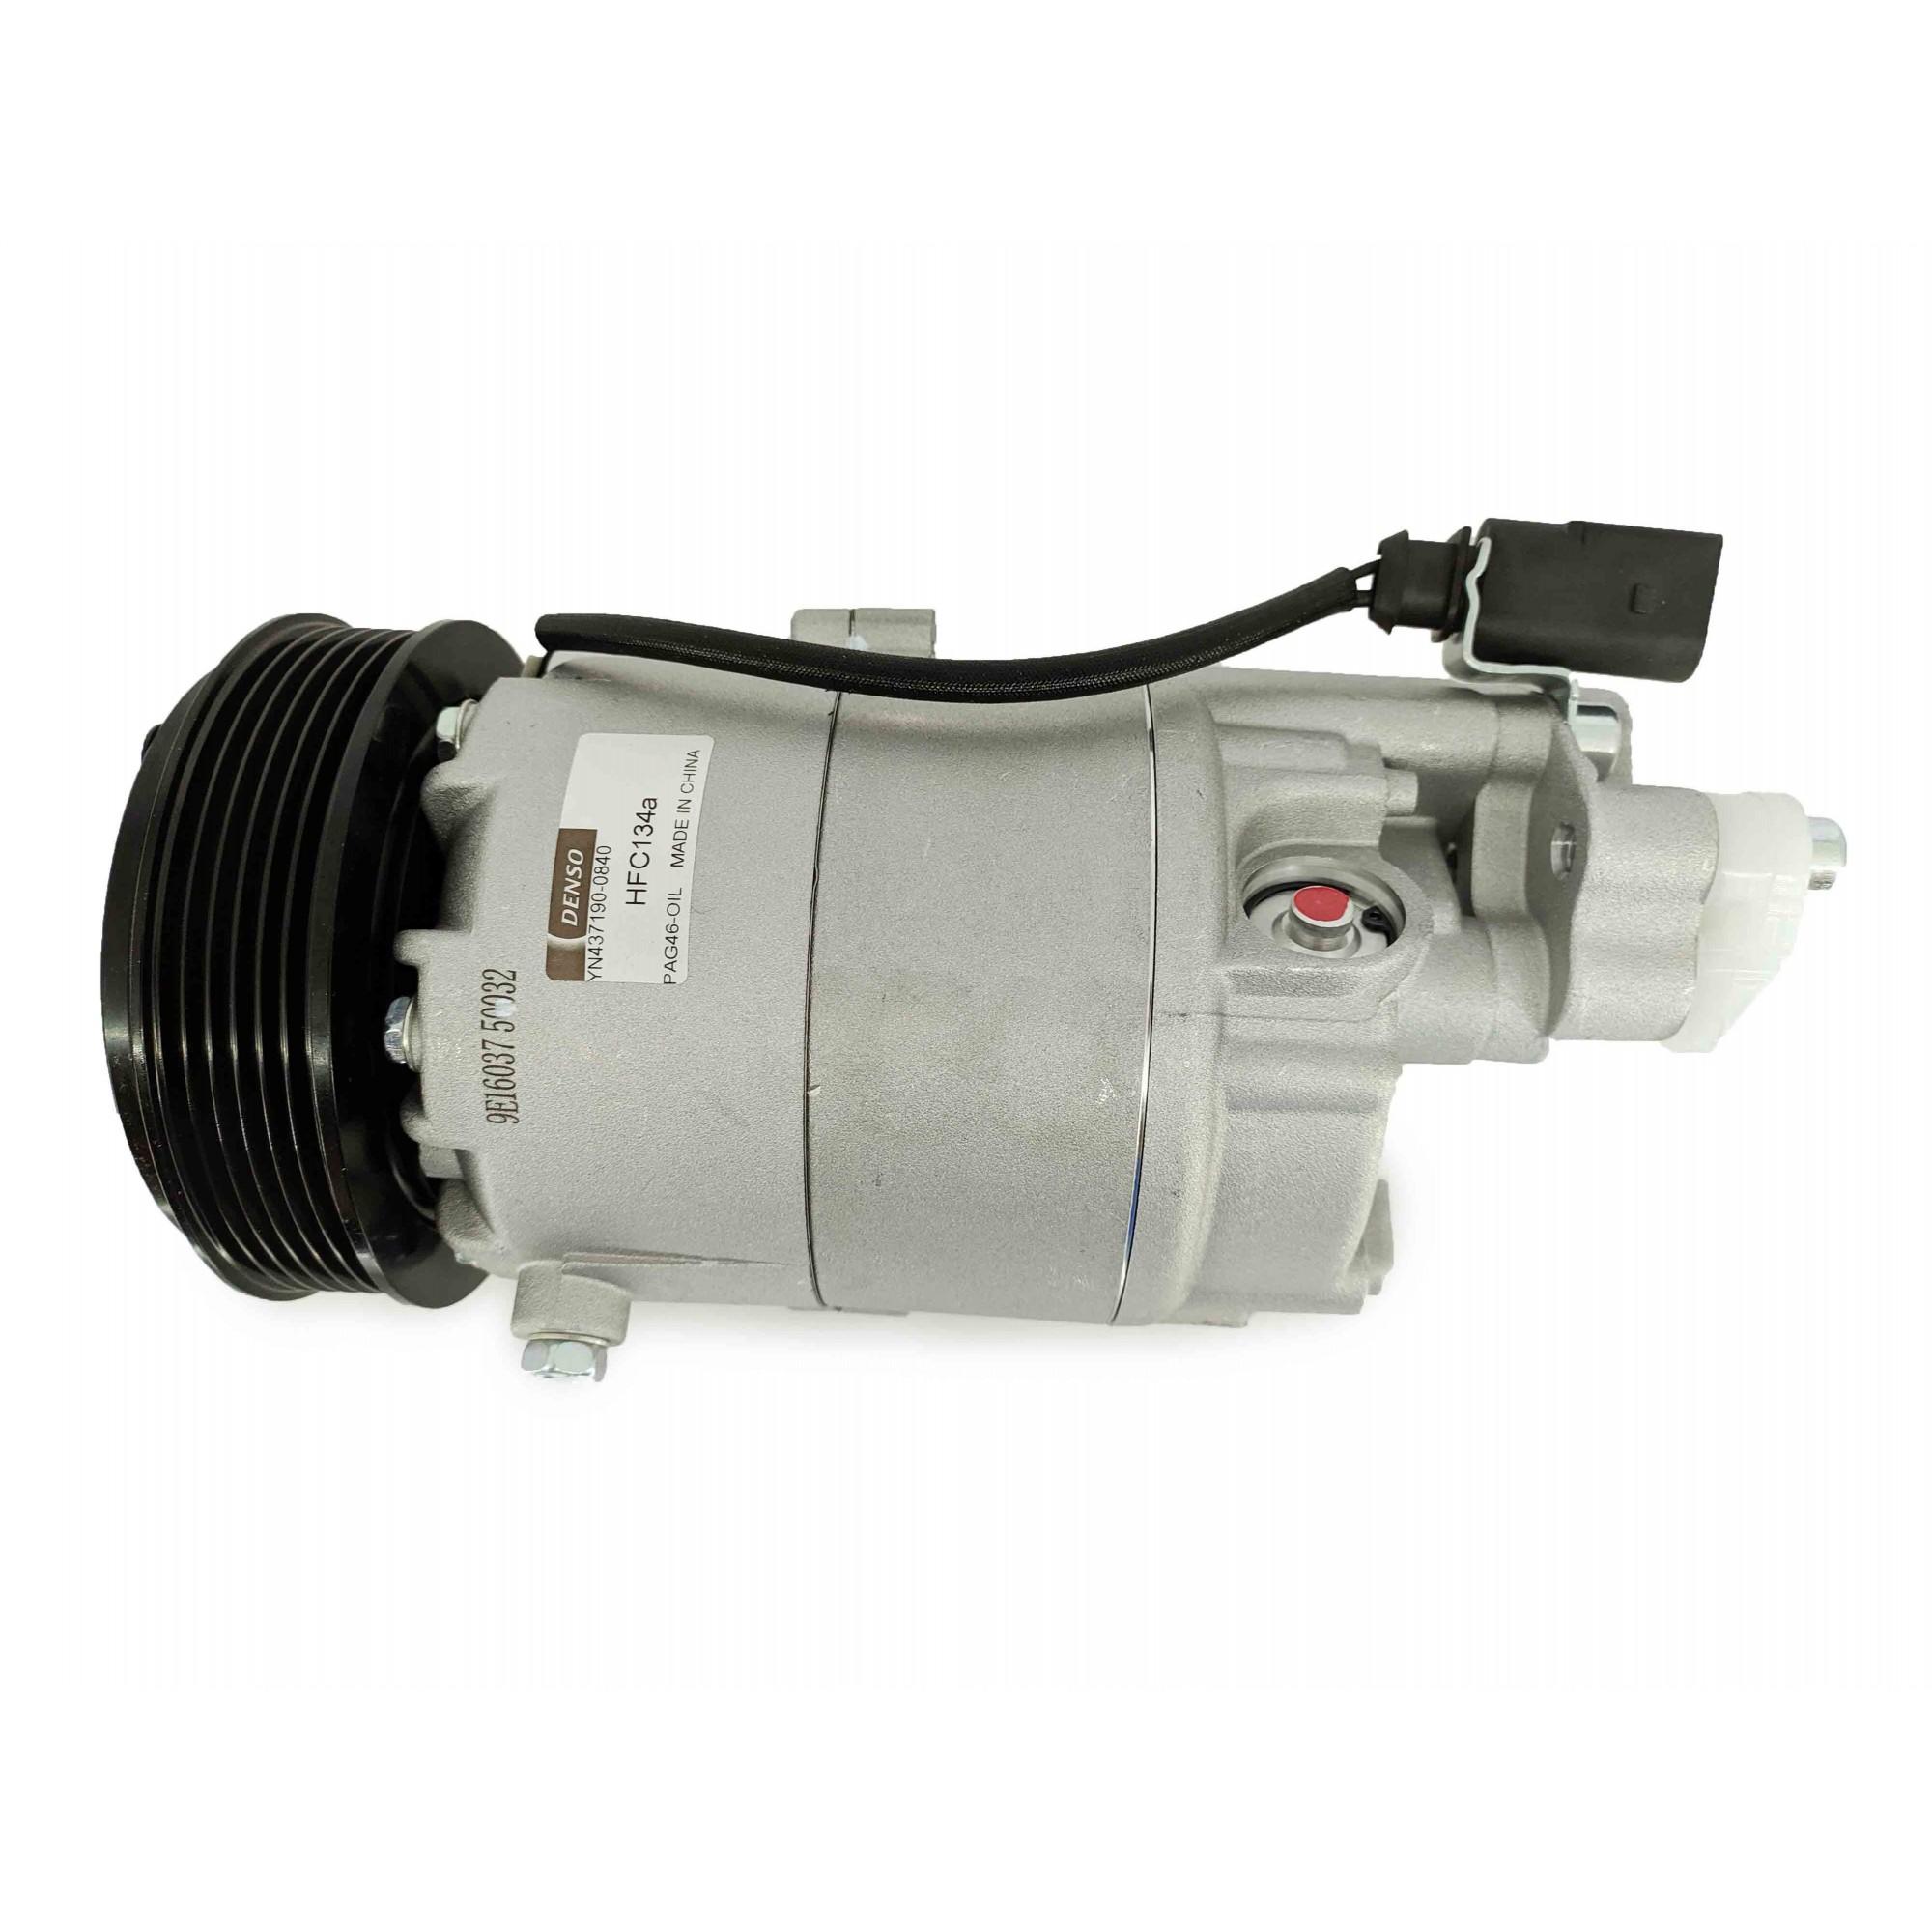 Compressor Vw Golf / Audi 1.6 Horário - Original DENSO